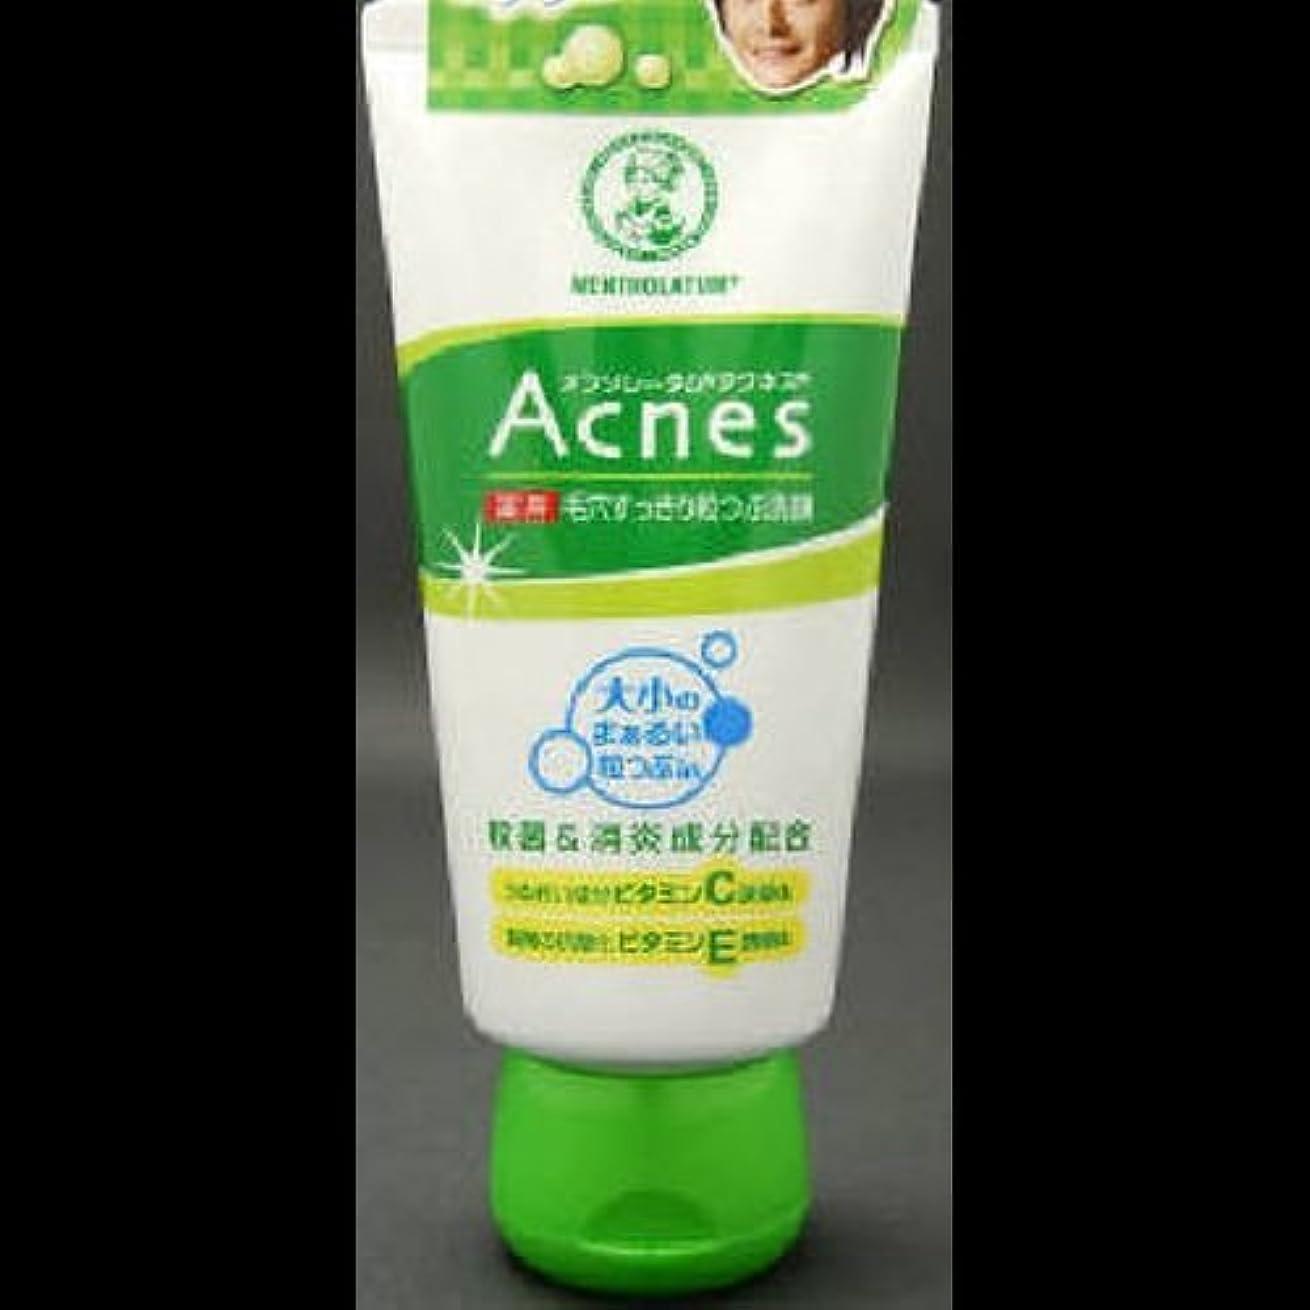 【まとめ買い】メンソレータム アクネス 薬用 毛穴 すっきり 粒つぶ 洗顔 ×2セット